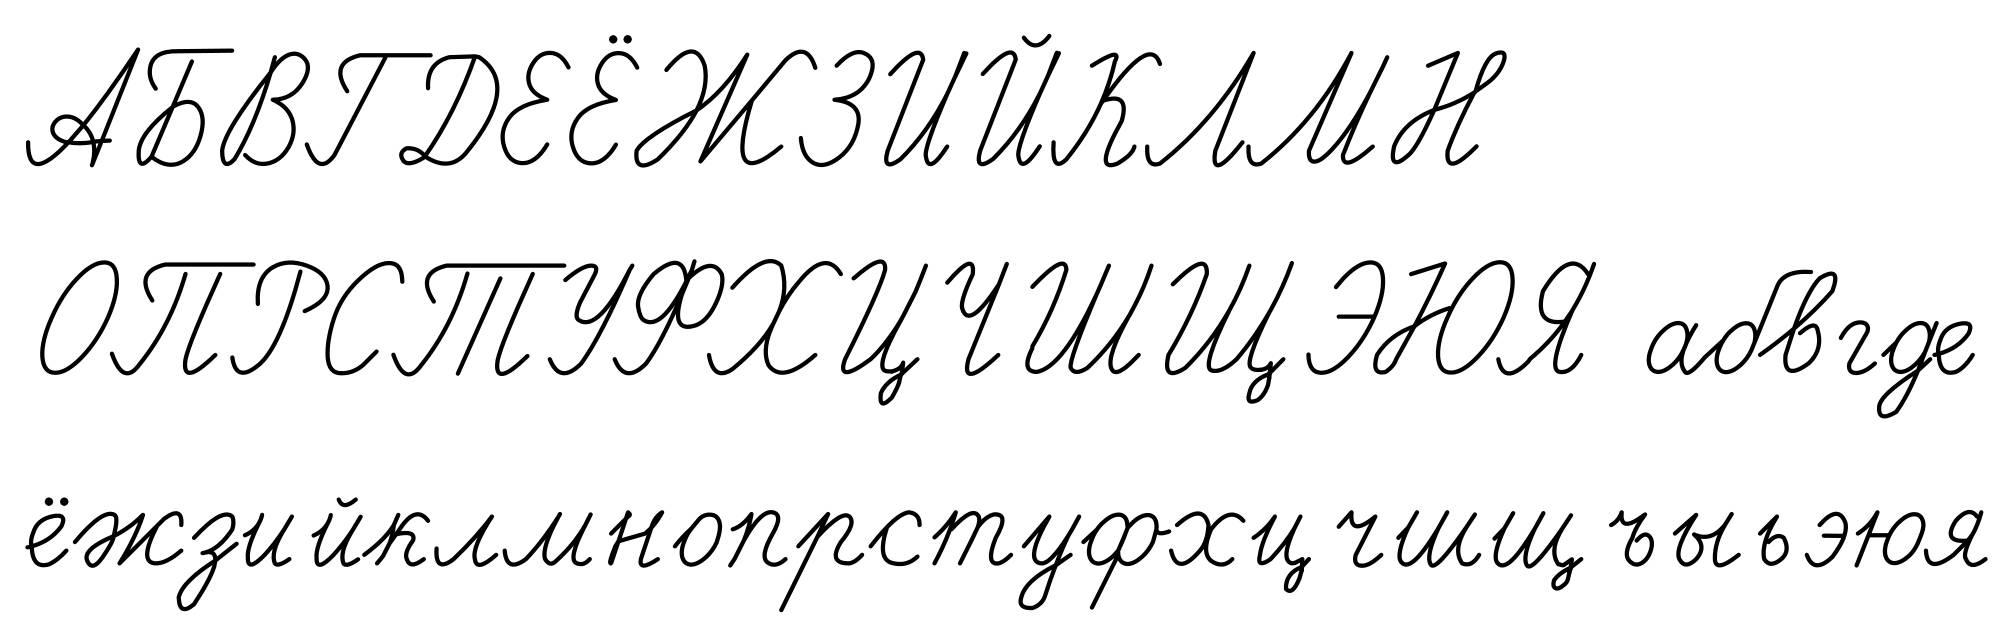 Quels Outils Pour Apprendre À Écrire Le Russe ? intérieur Apprendre A Ecrire Les Lettres En Majuscule